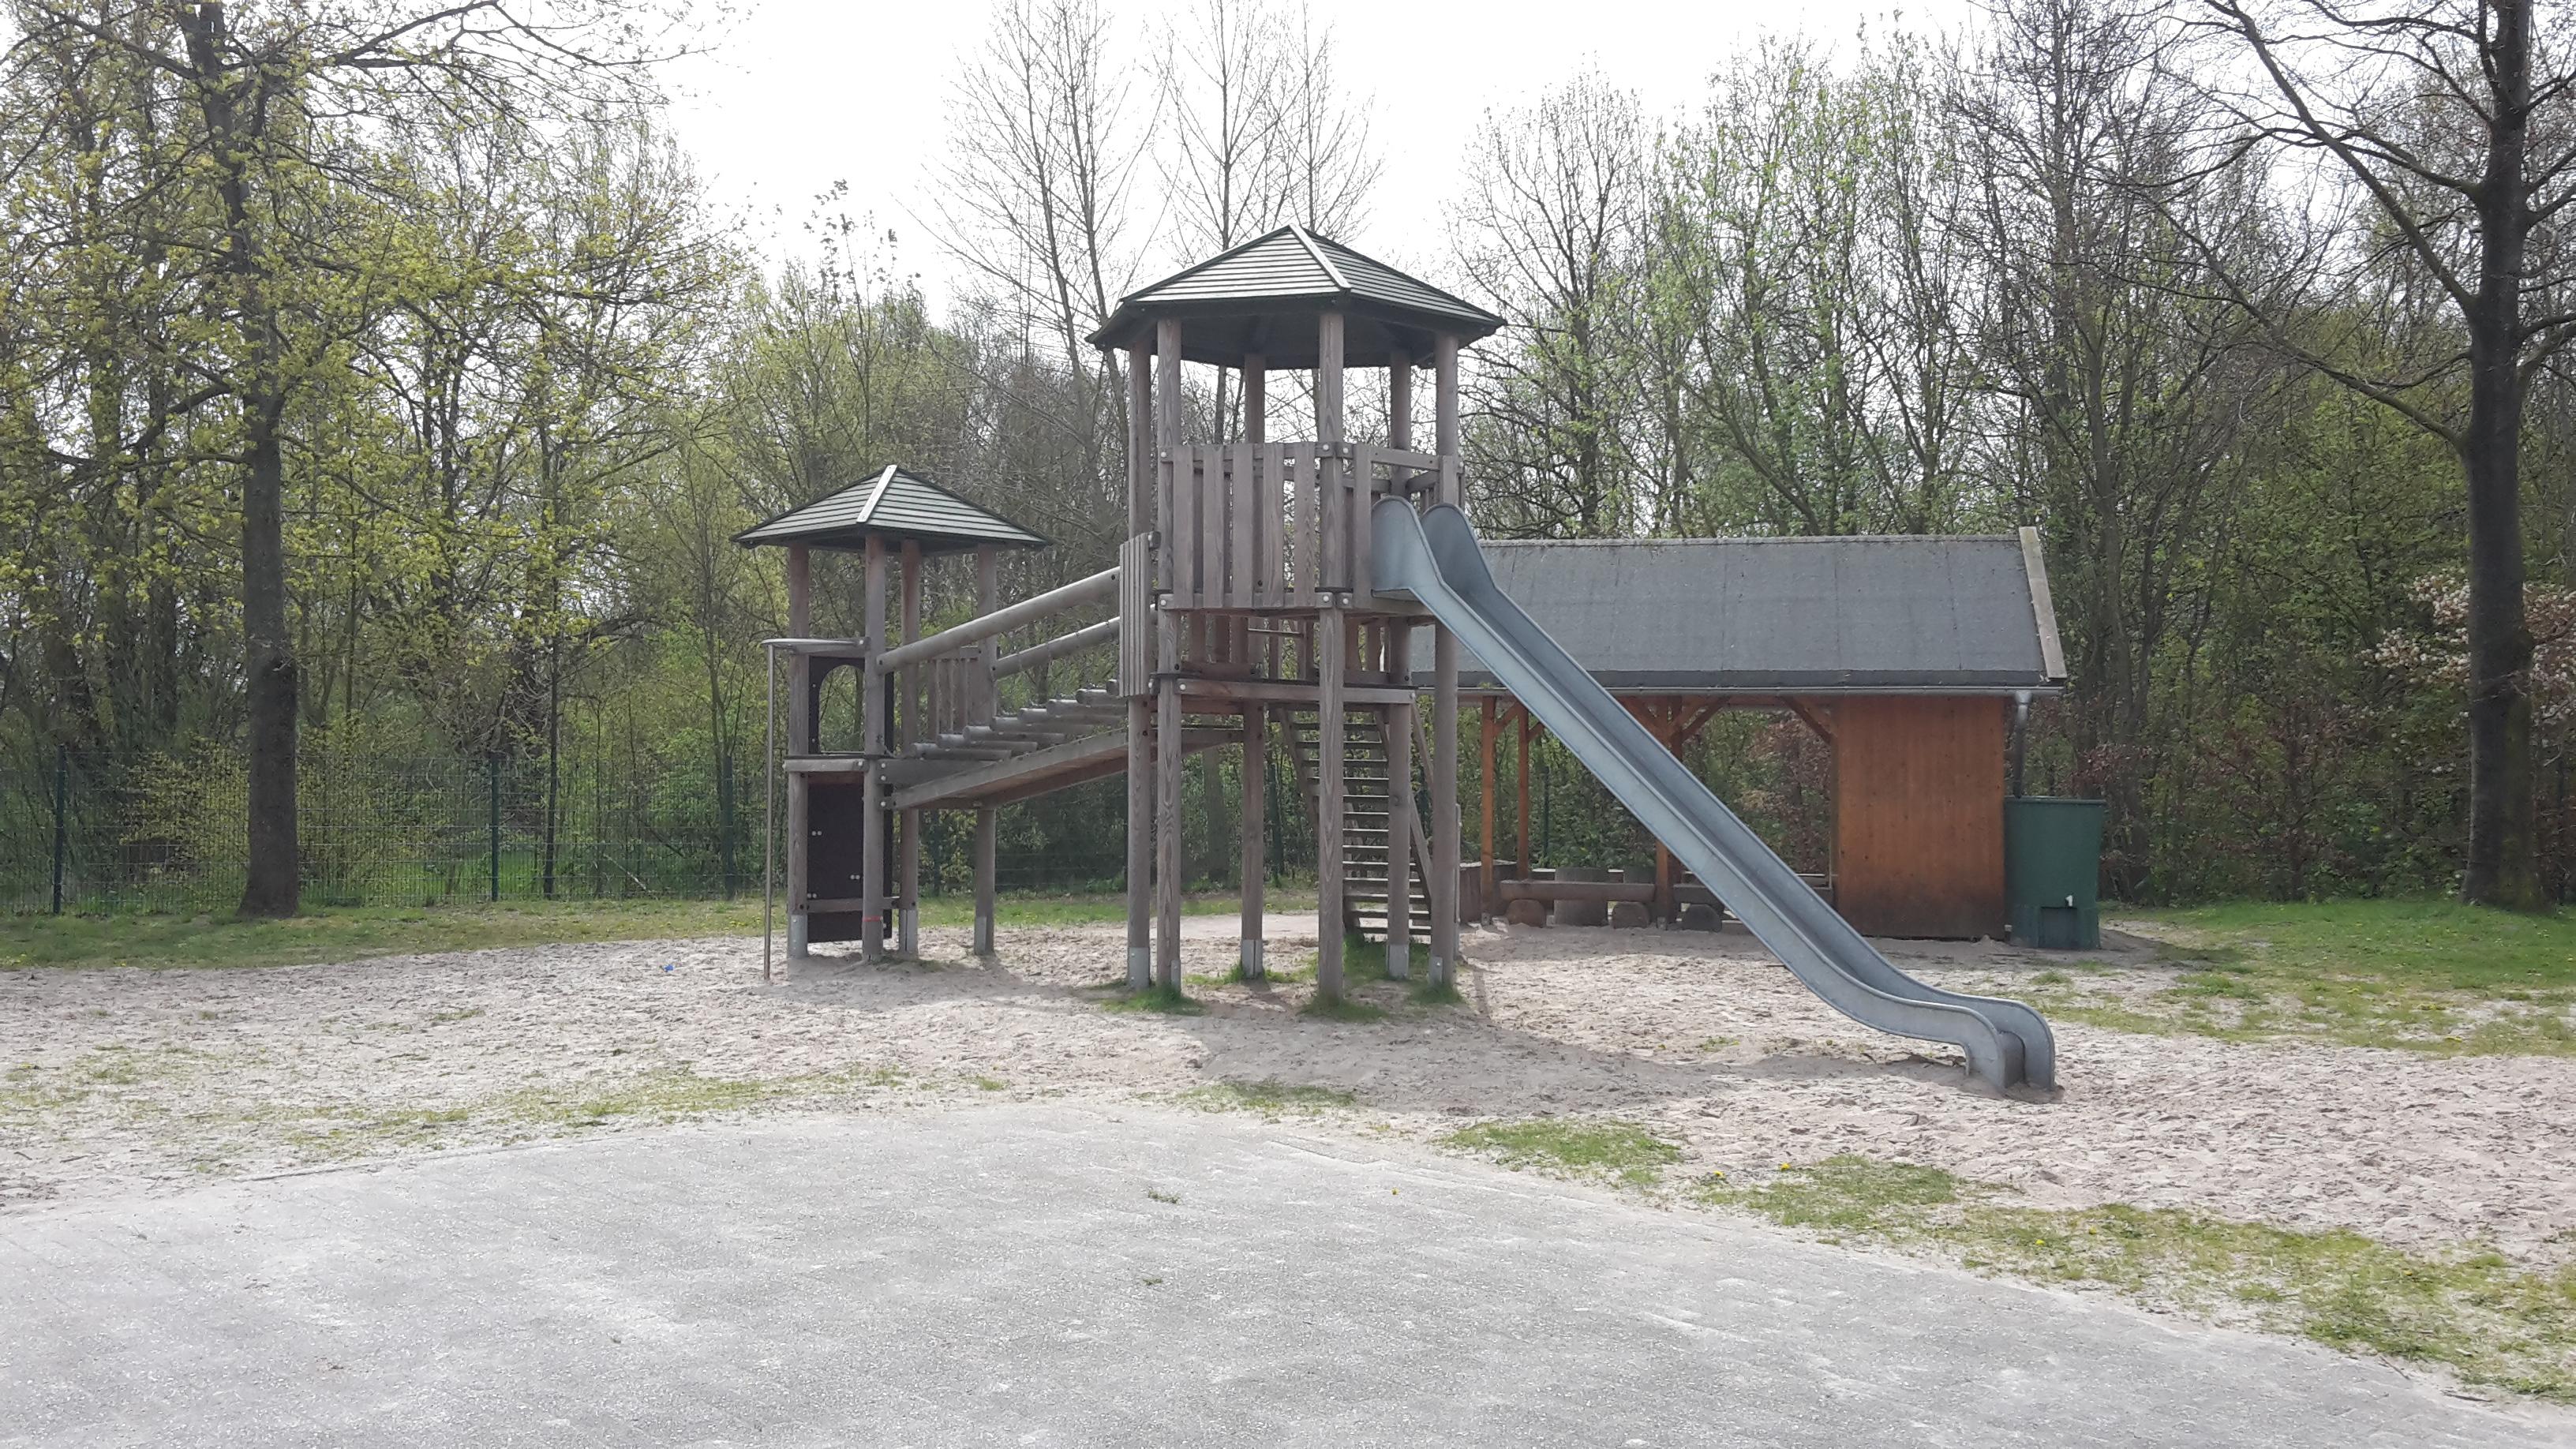 Klettergerüst Schulhof : Gs seefeld schwei schülerseite schulhof primolo